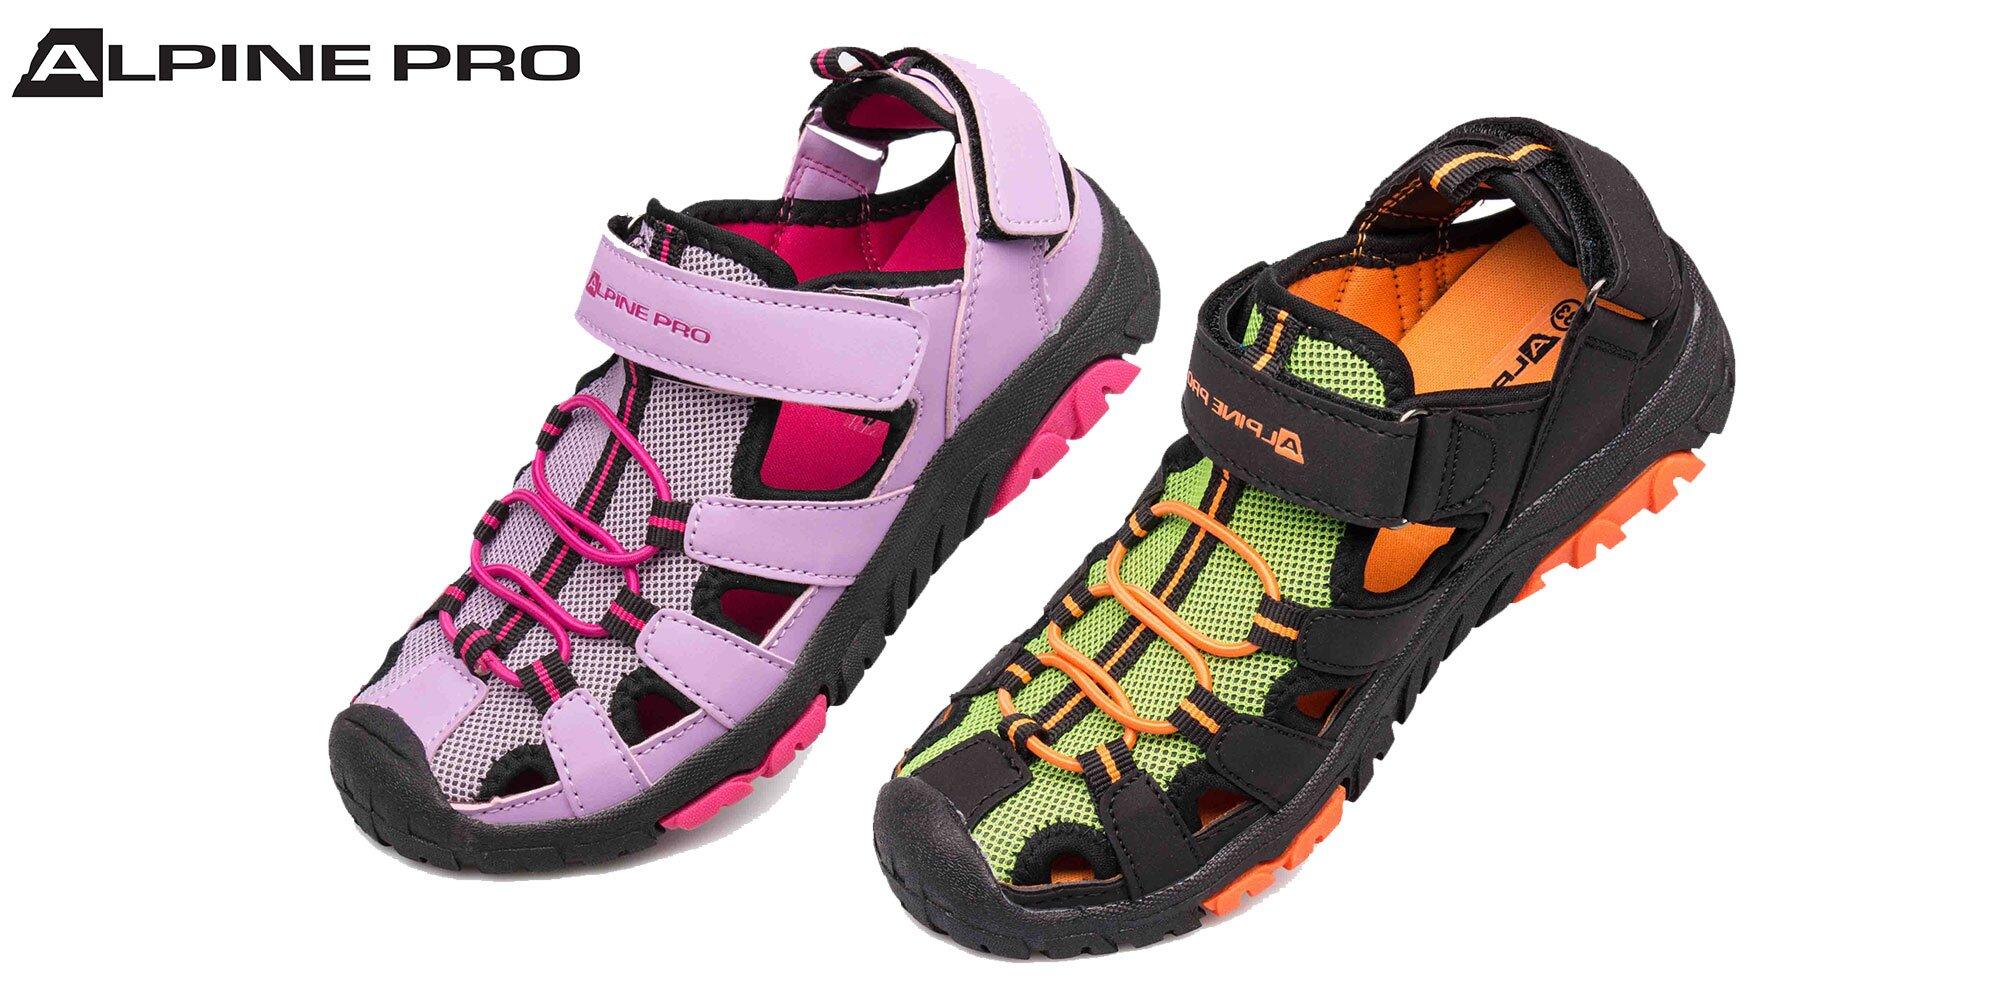 96a5591d6bed Detské sandále Alpine pro